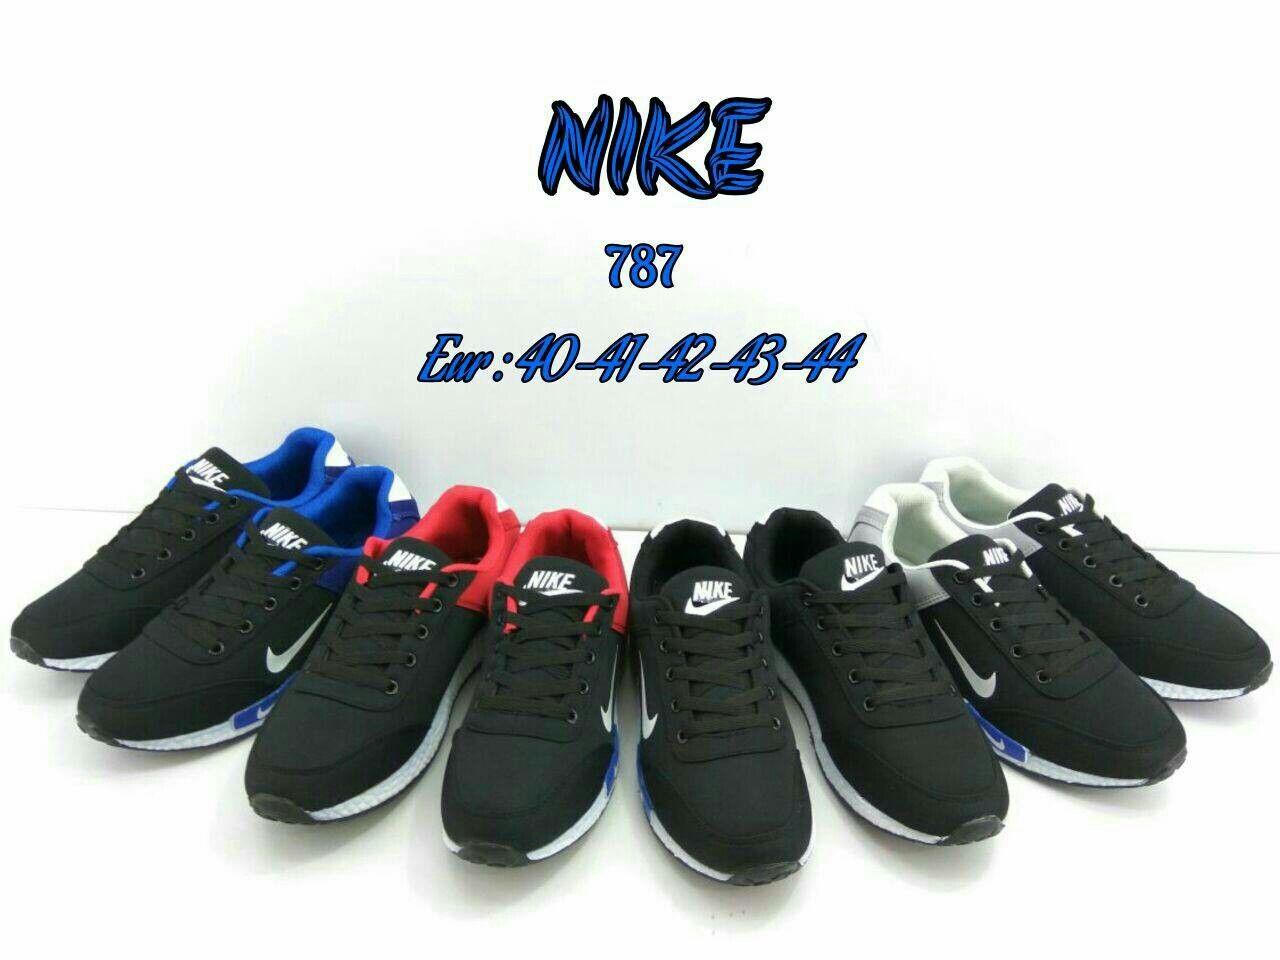 Shoes Sport Nike 787 Cowok Kwalitas Semi Premium Tersedia 4